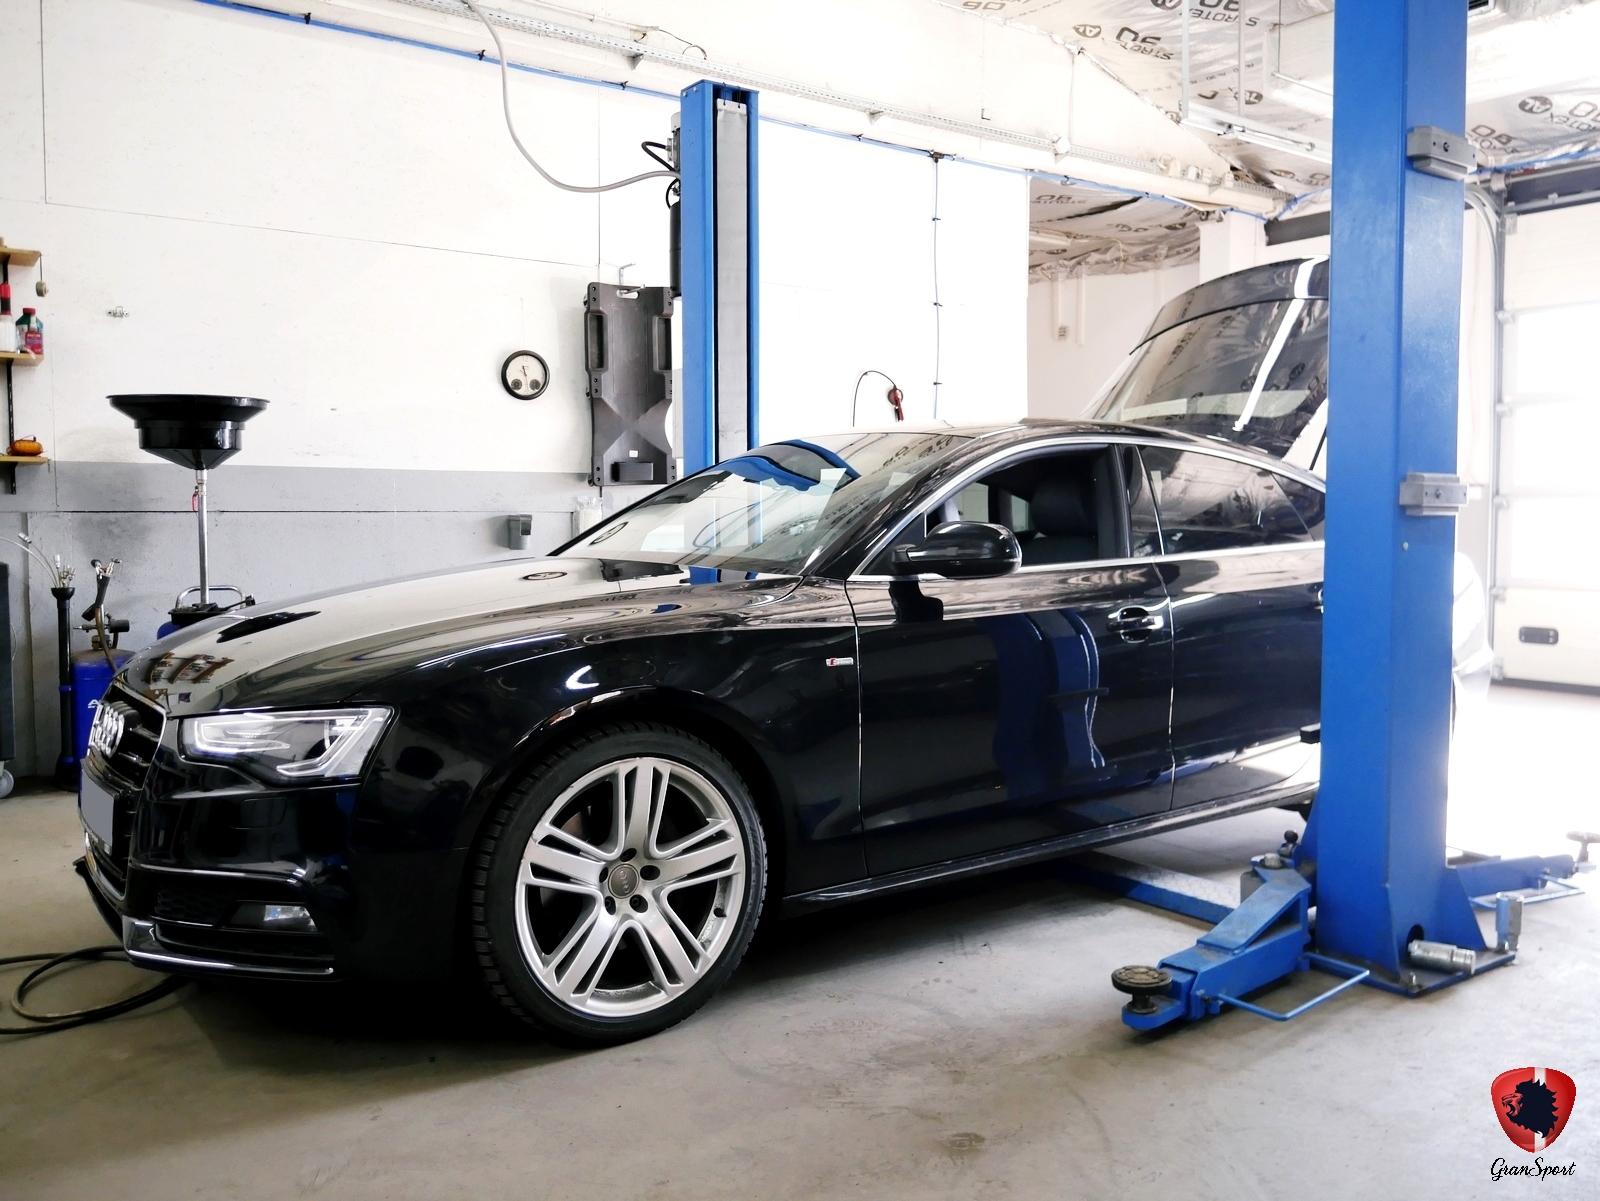 Audi A5 Maxhaust